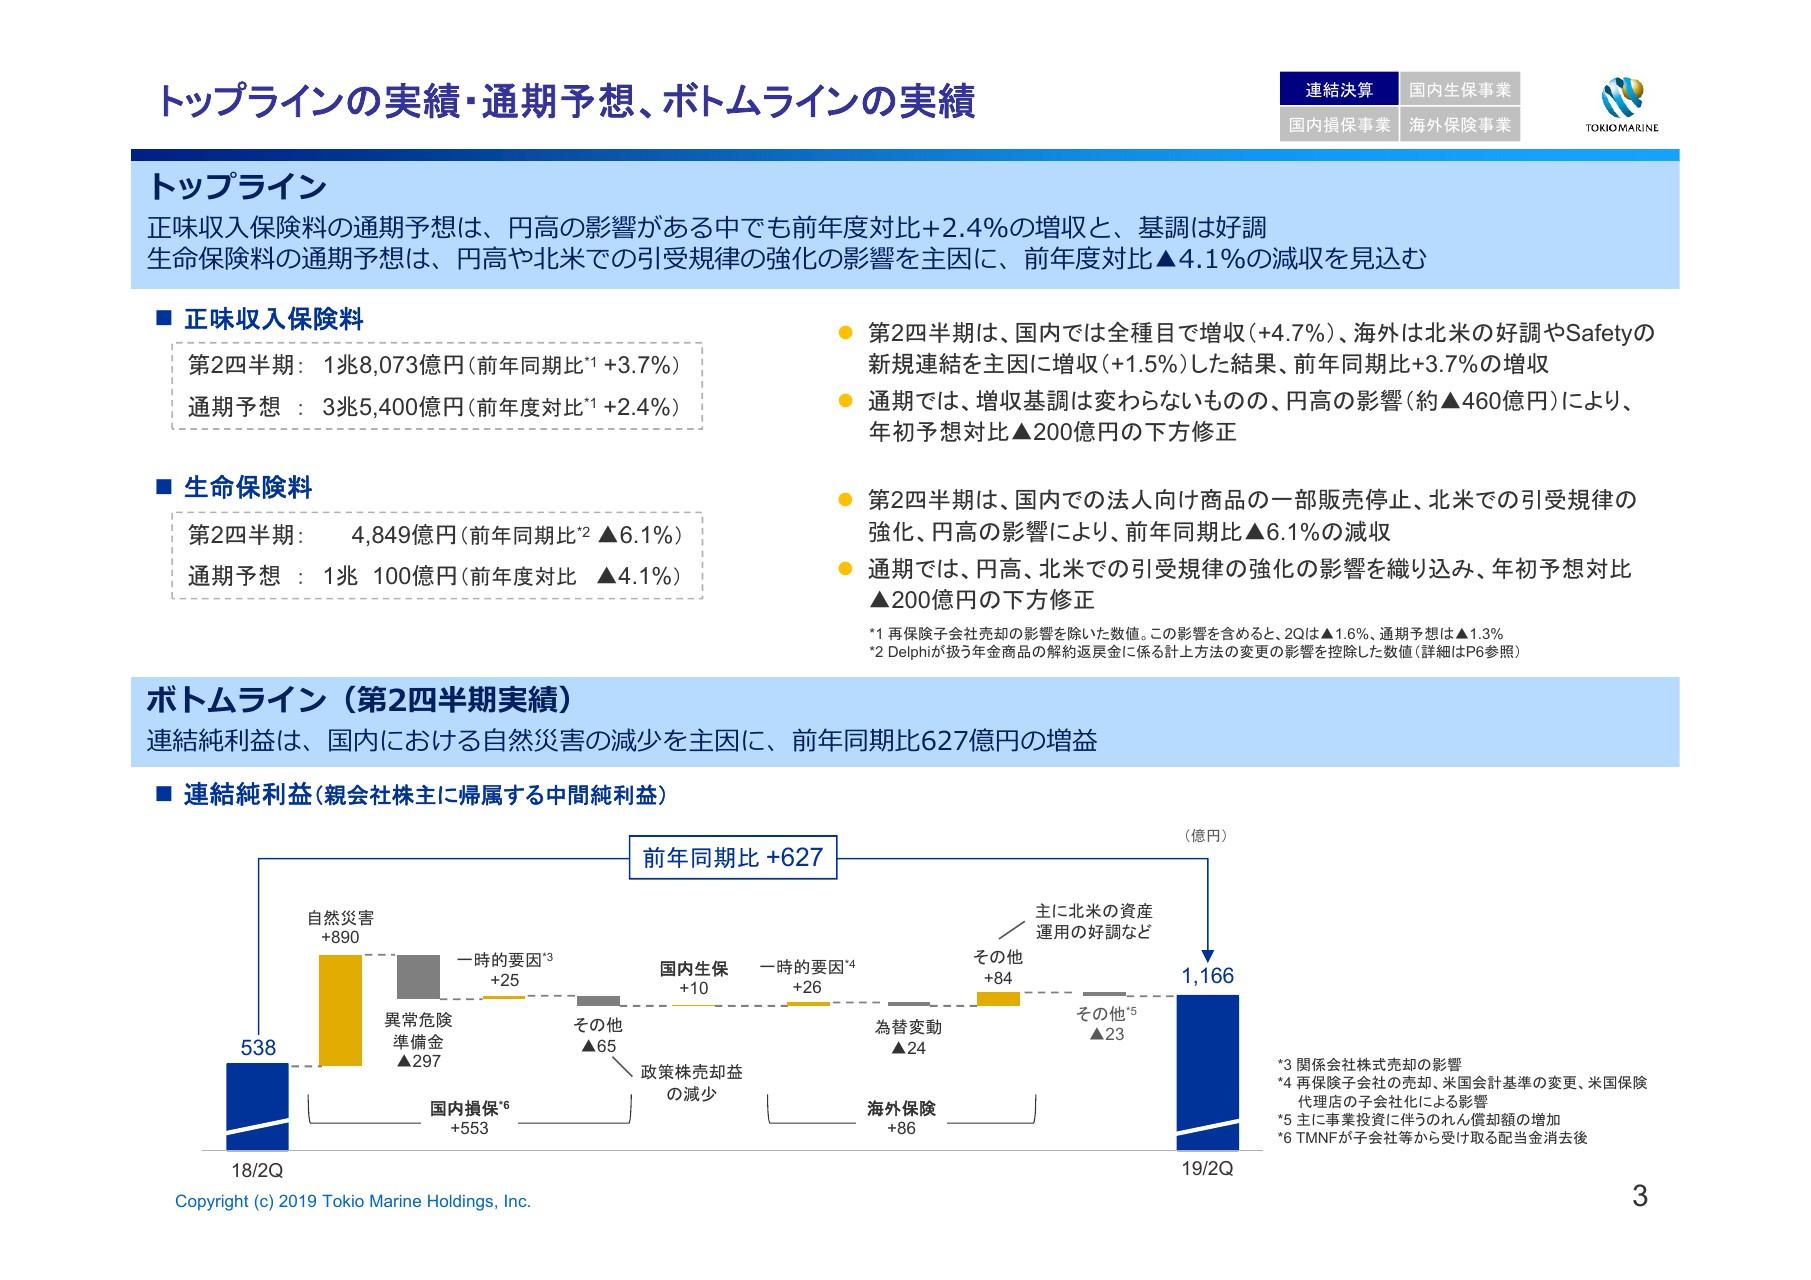 東京海上HD、2Qは国内自然災害が減り増益 異常危険準備金の影響控除するため純利益下方修正